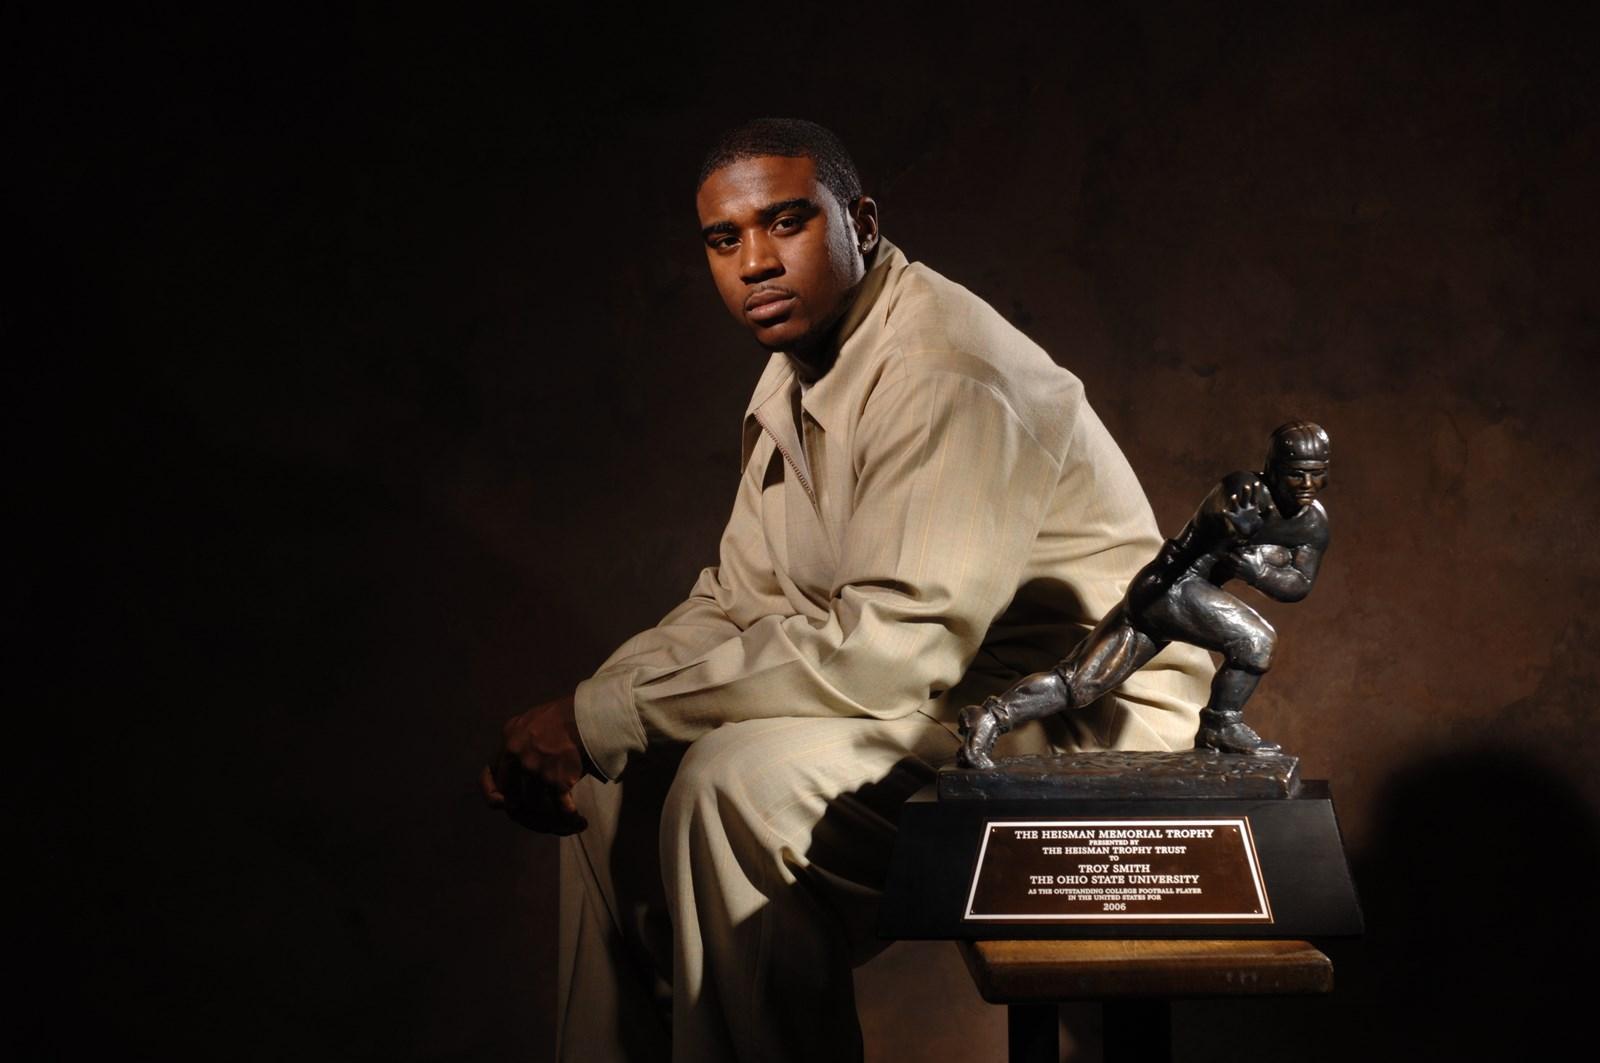 Troy Smith with Heisman Trophy Award